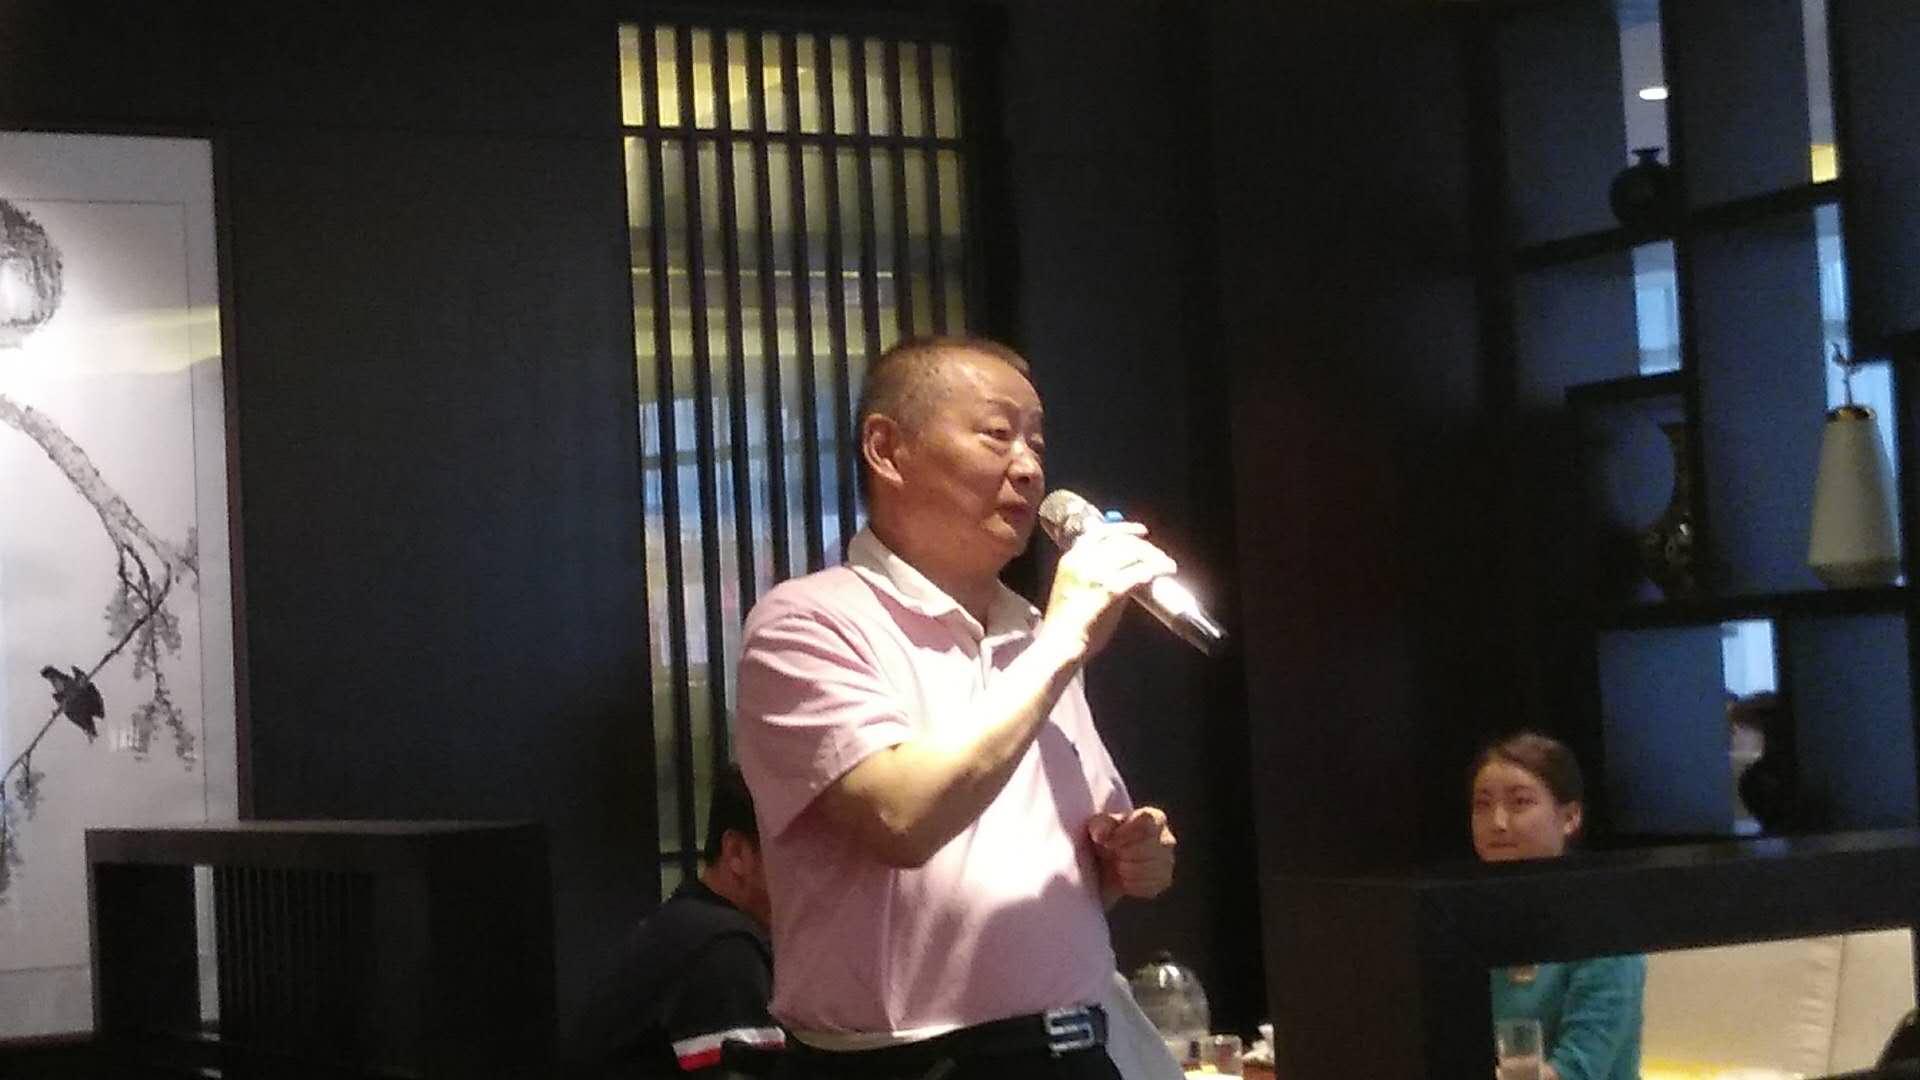 云南昆明<a href=http://www.teauo.com target=_blank class=infotextkey>茶叶</a>行业协会<a href=http://tea.teauo.com/Bricktea/ target=_blank class=infotextkey>普洱茶</a>文化交流会在西安柒号馆隆重举办